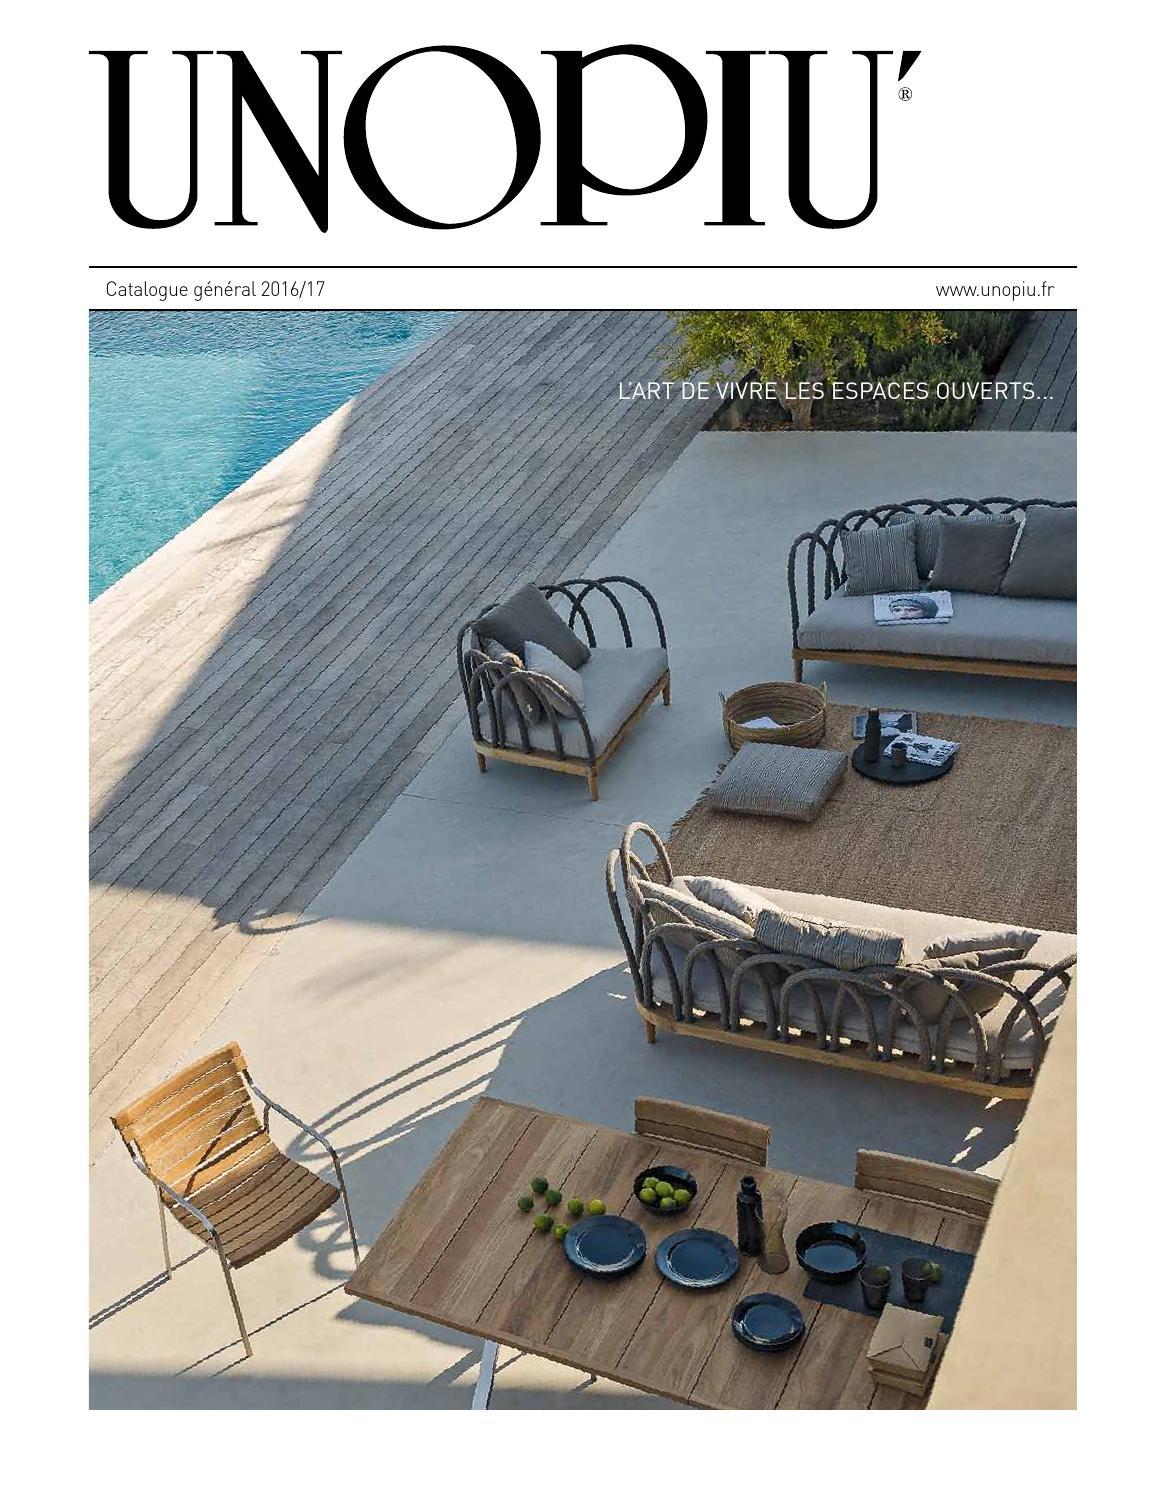 Catalogue general Unopiù 2016 by Unopiù SpA - issuu